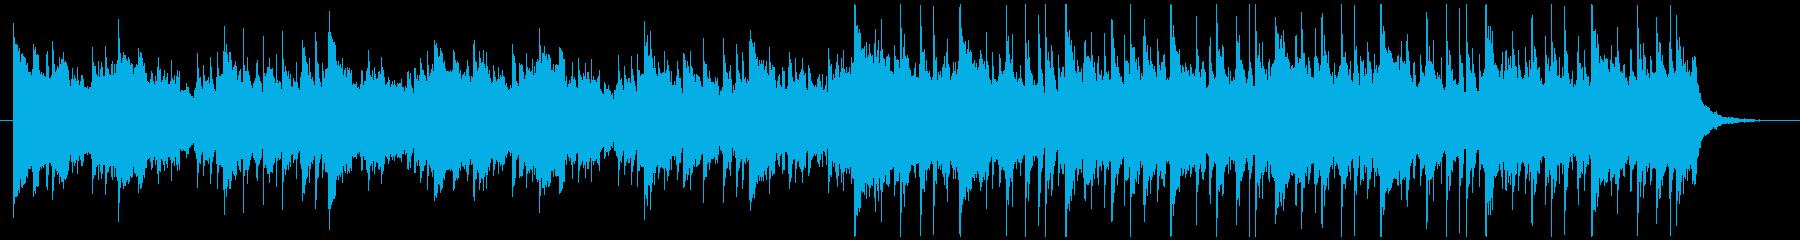 和風アコースティックポップ/イントロの再生済みの波形